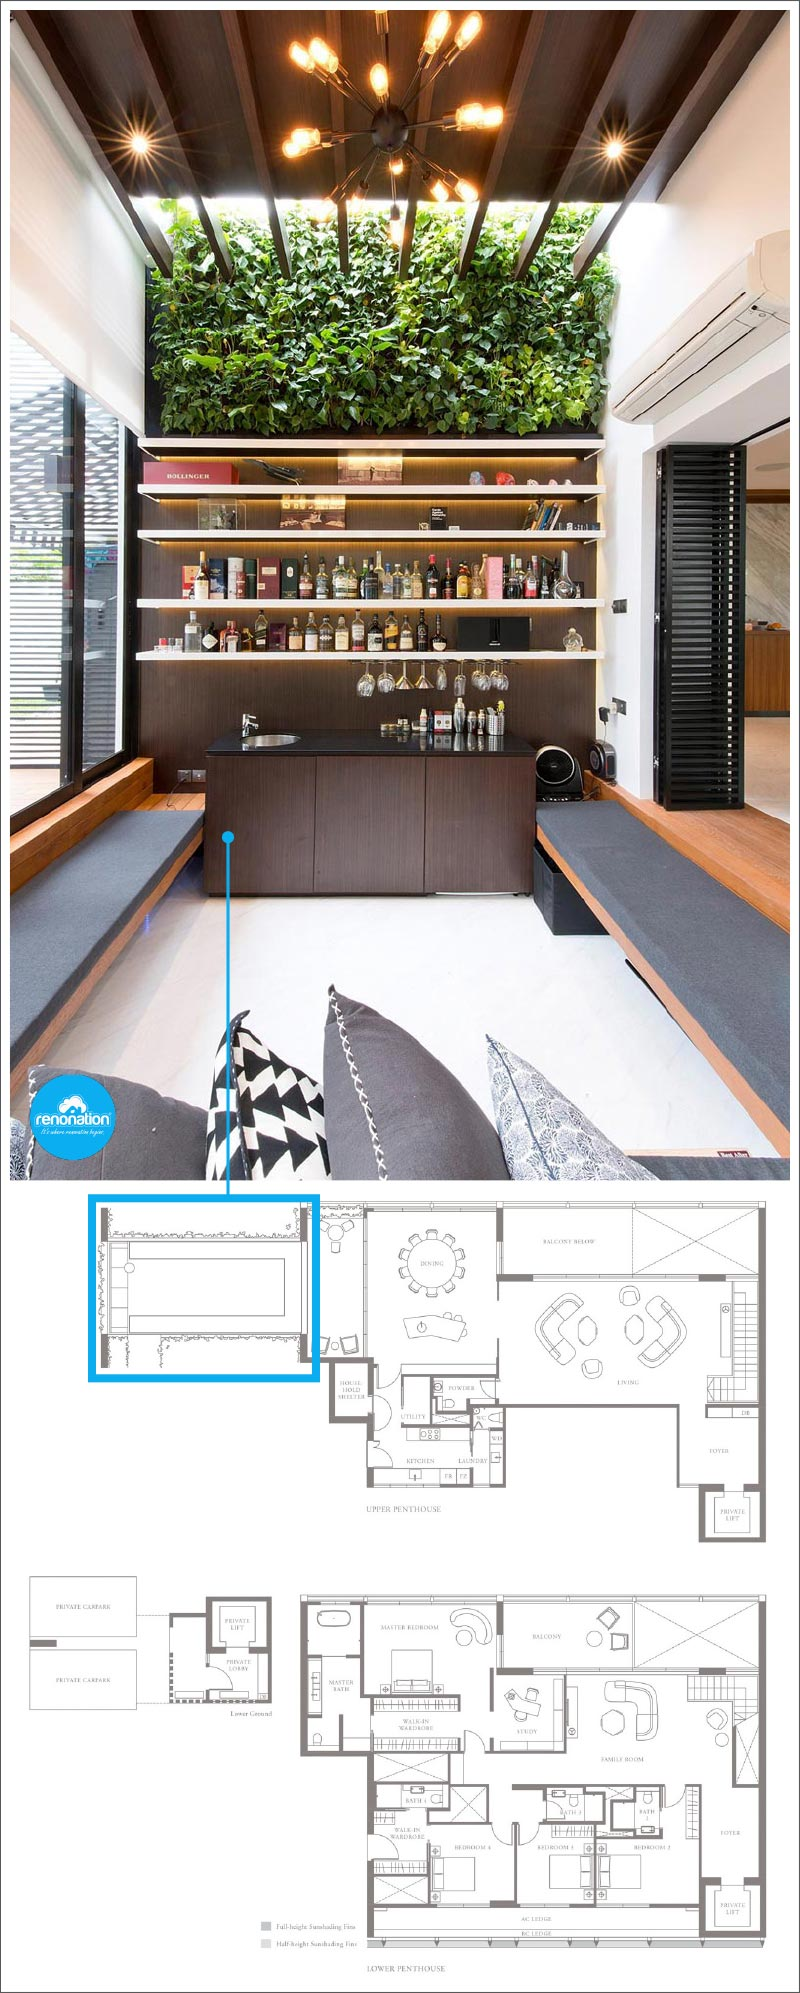 MEYEROUSE - Design: Architology